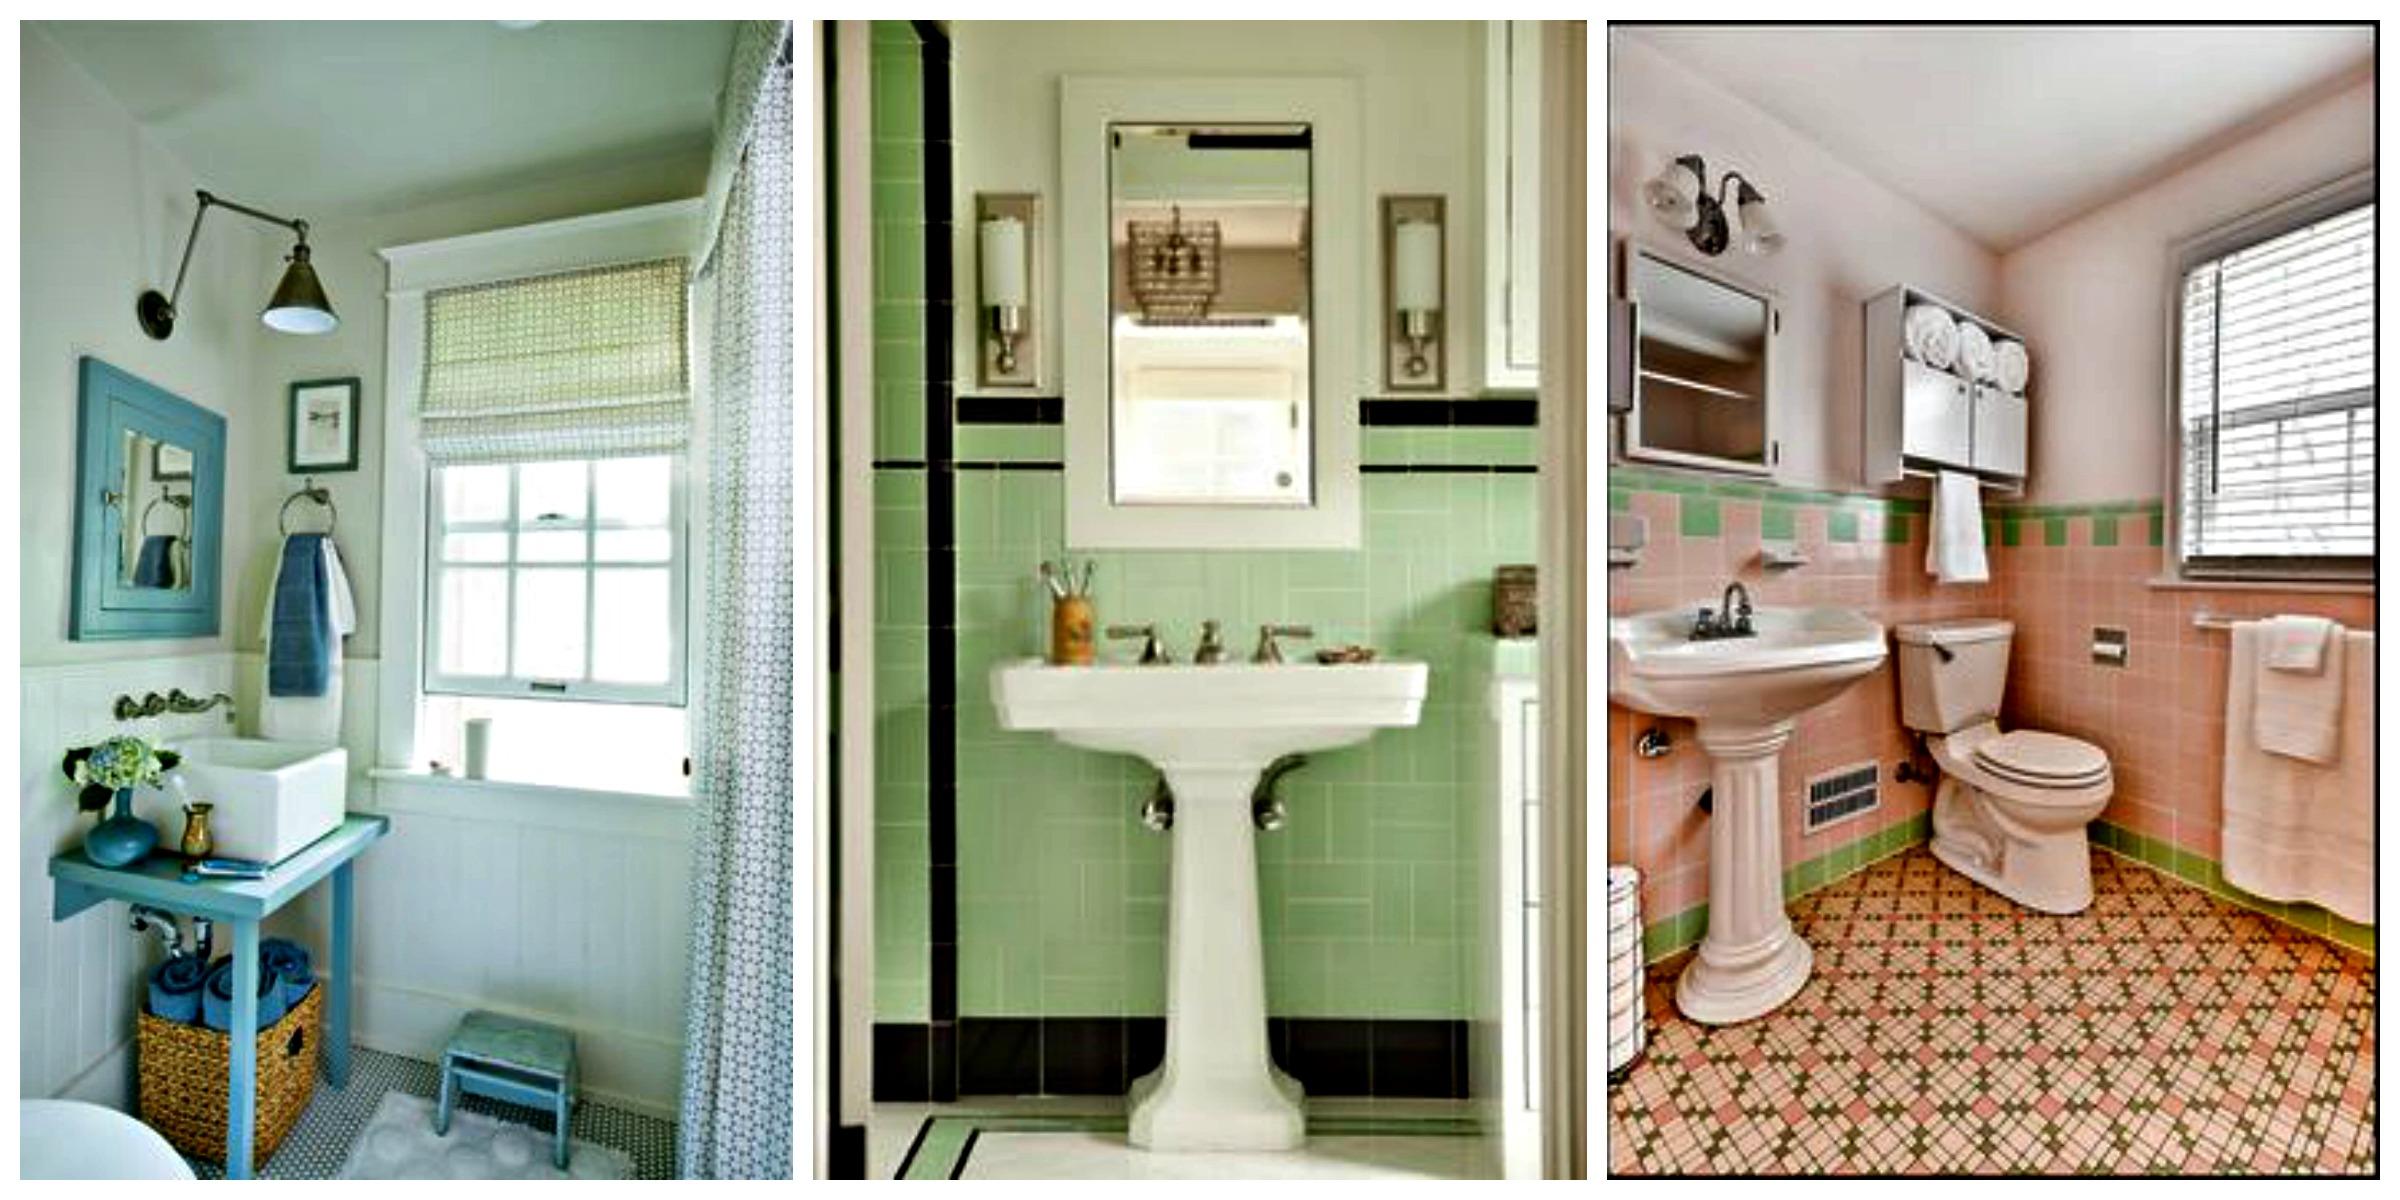 banheirovintage1 #714420 2400x1200 Azulejo Para Banheiro Decorado